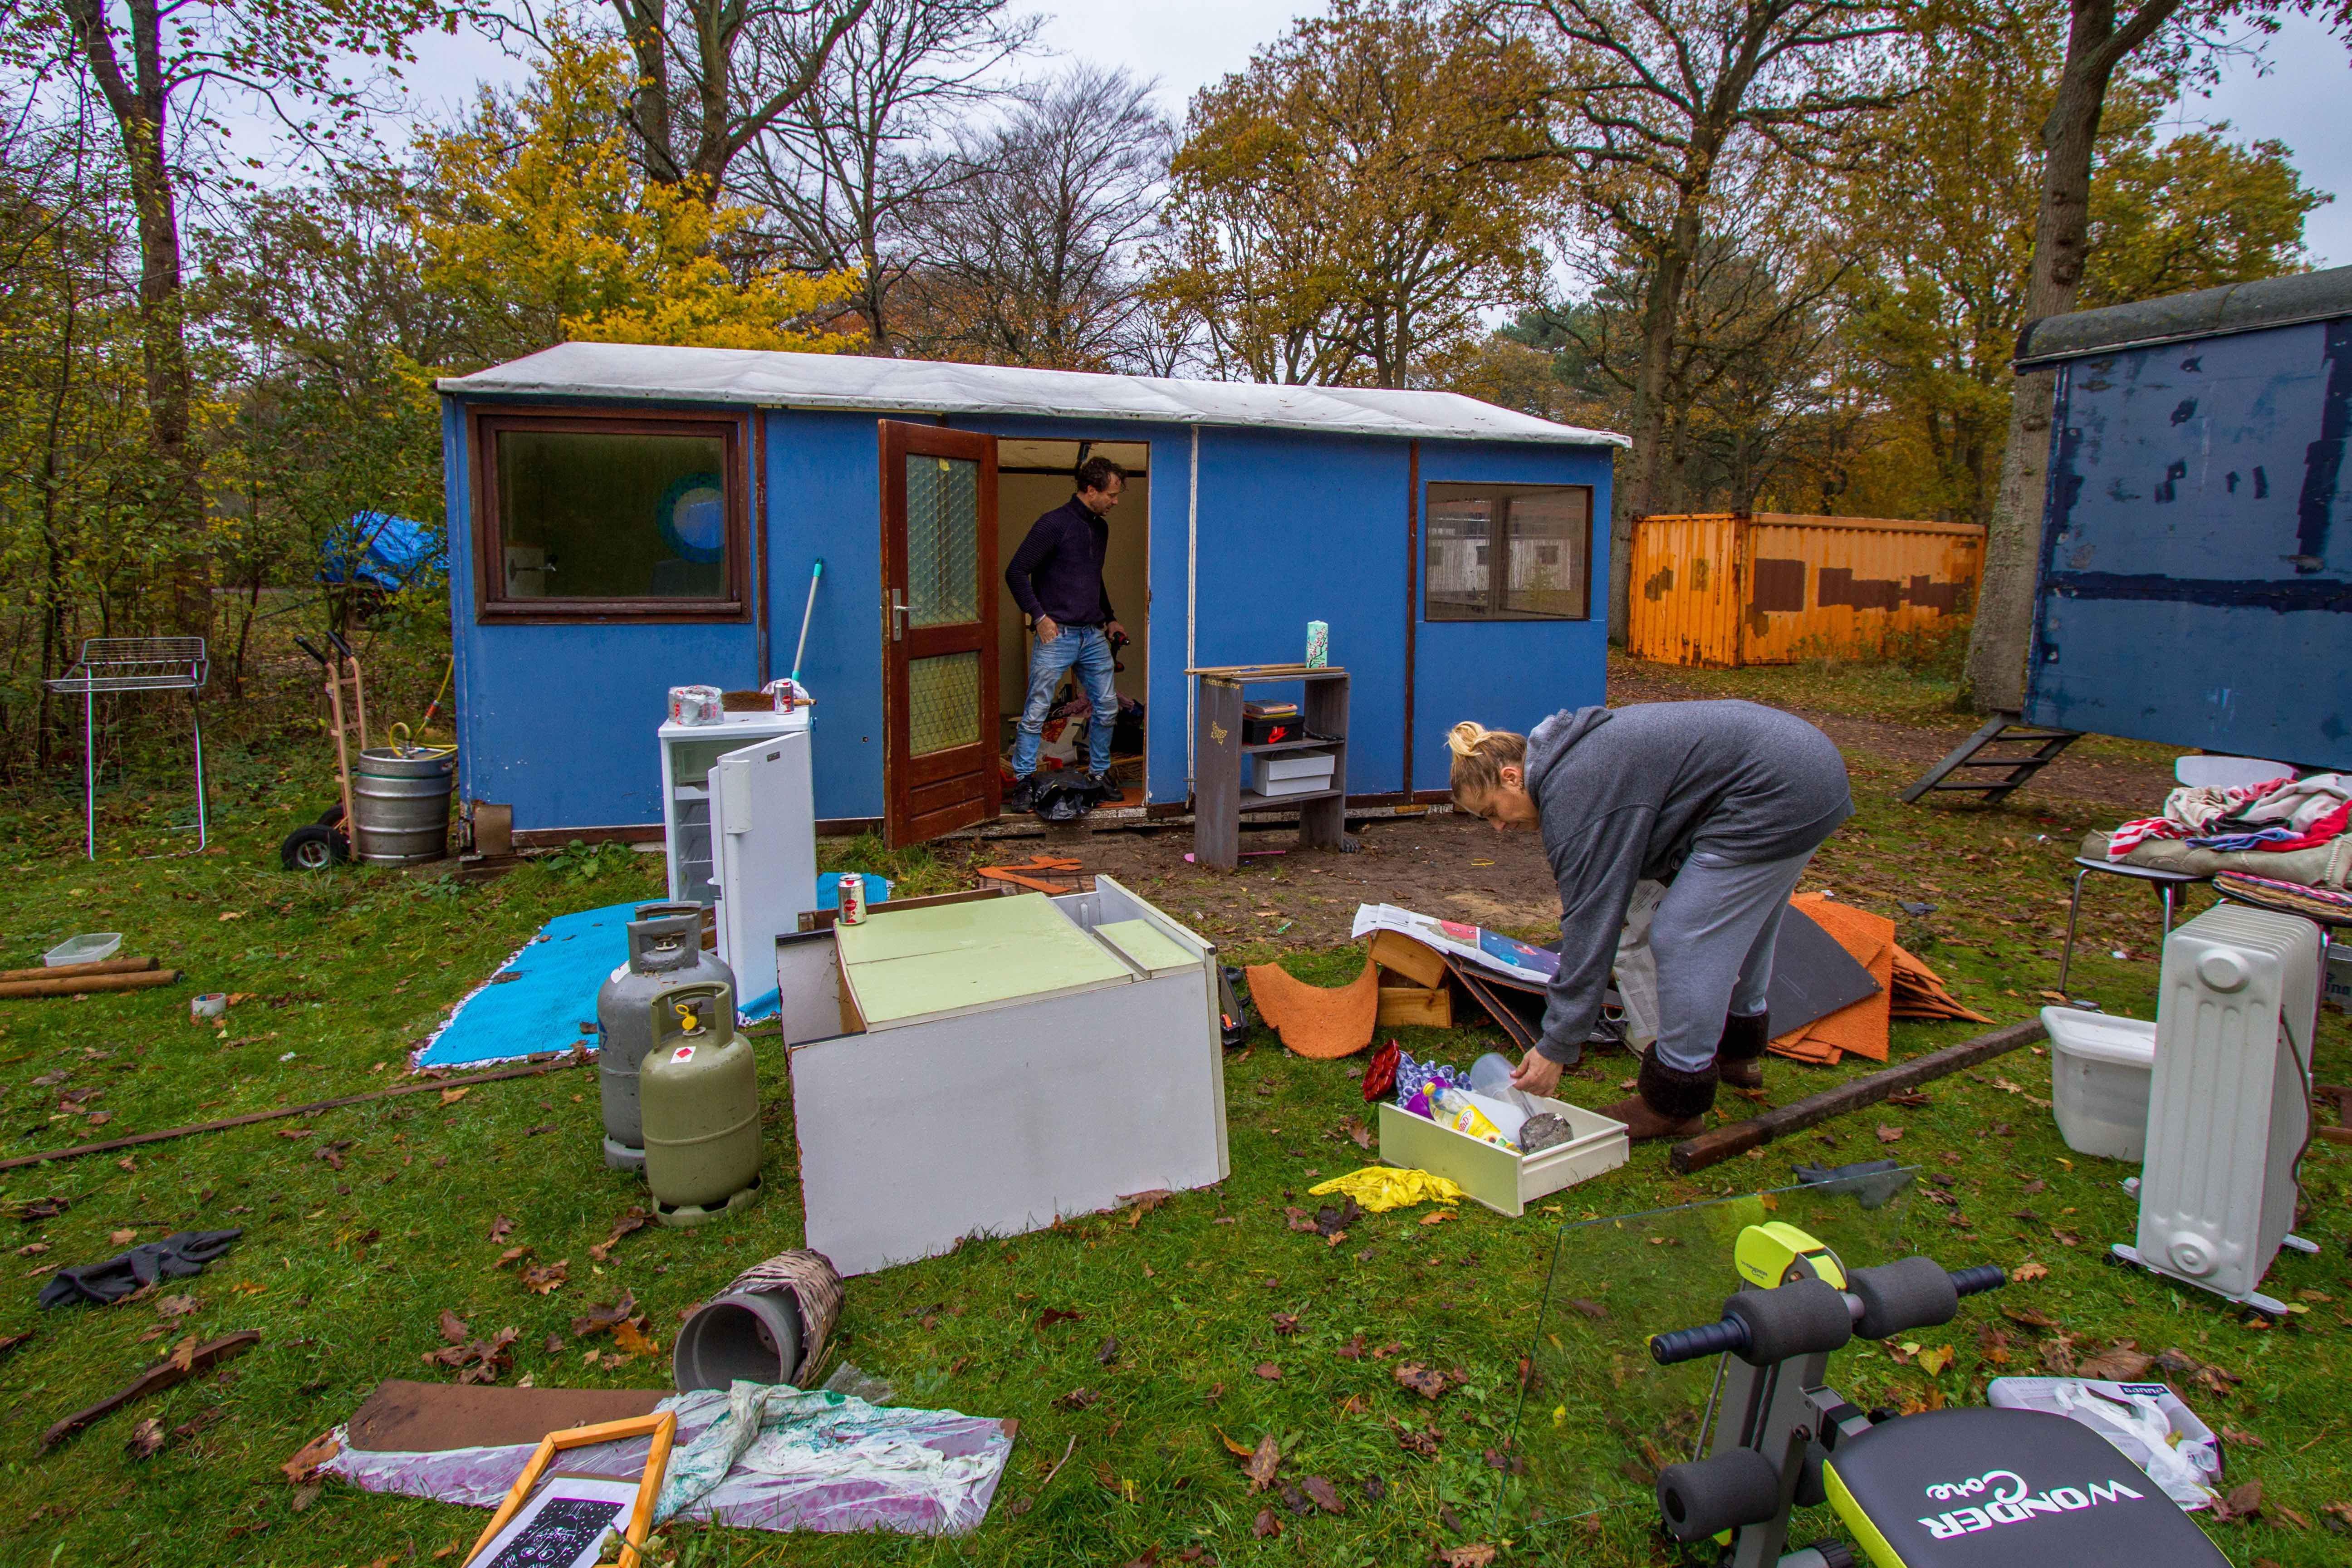 Inpakken en wegwezen, Camping Bakkum gaat de stilte weer in